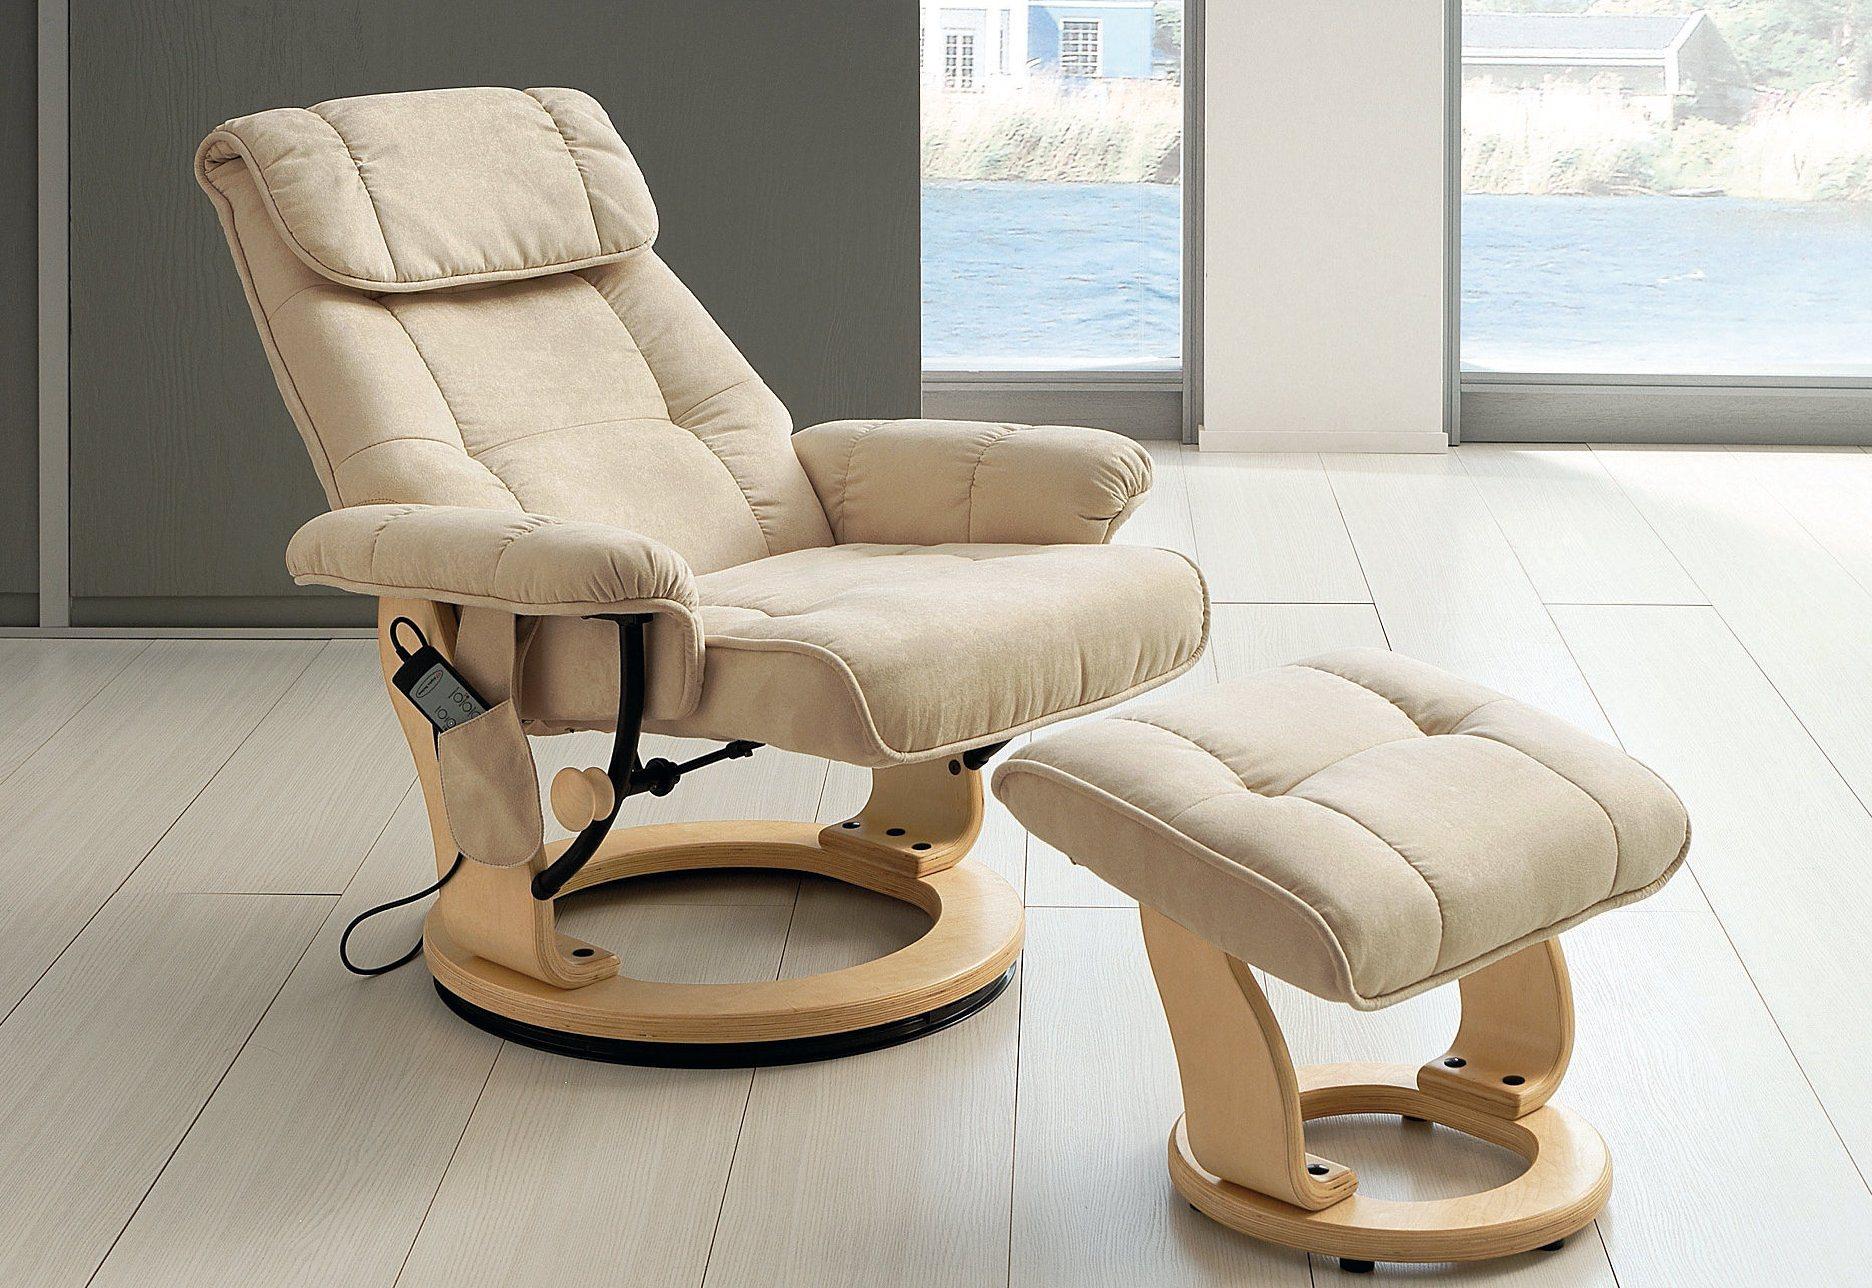 massagesessel g nstig gebraucht kaufen und sparen bei kauf. Black Bedroom Furniture Sets. Home Design Ideas